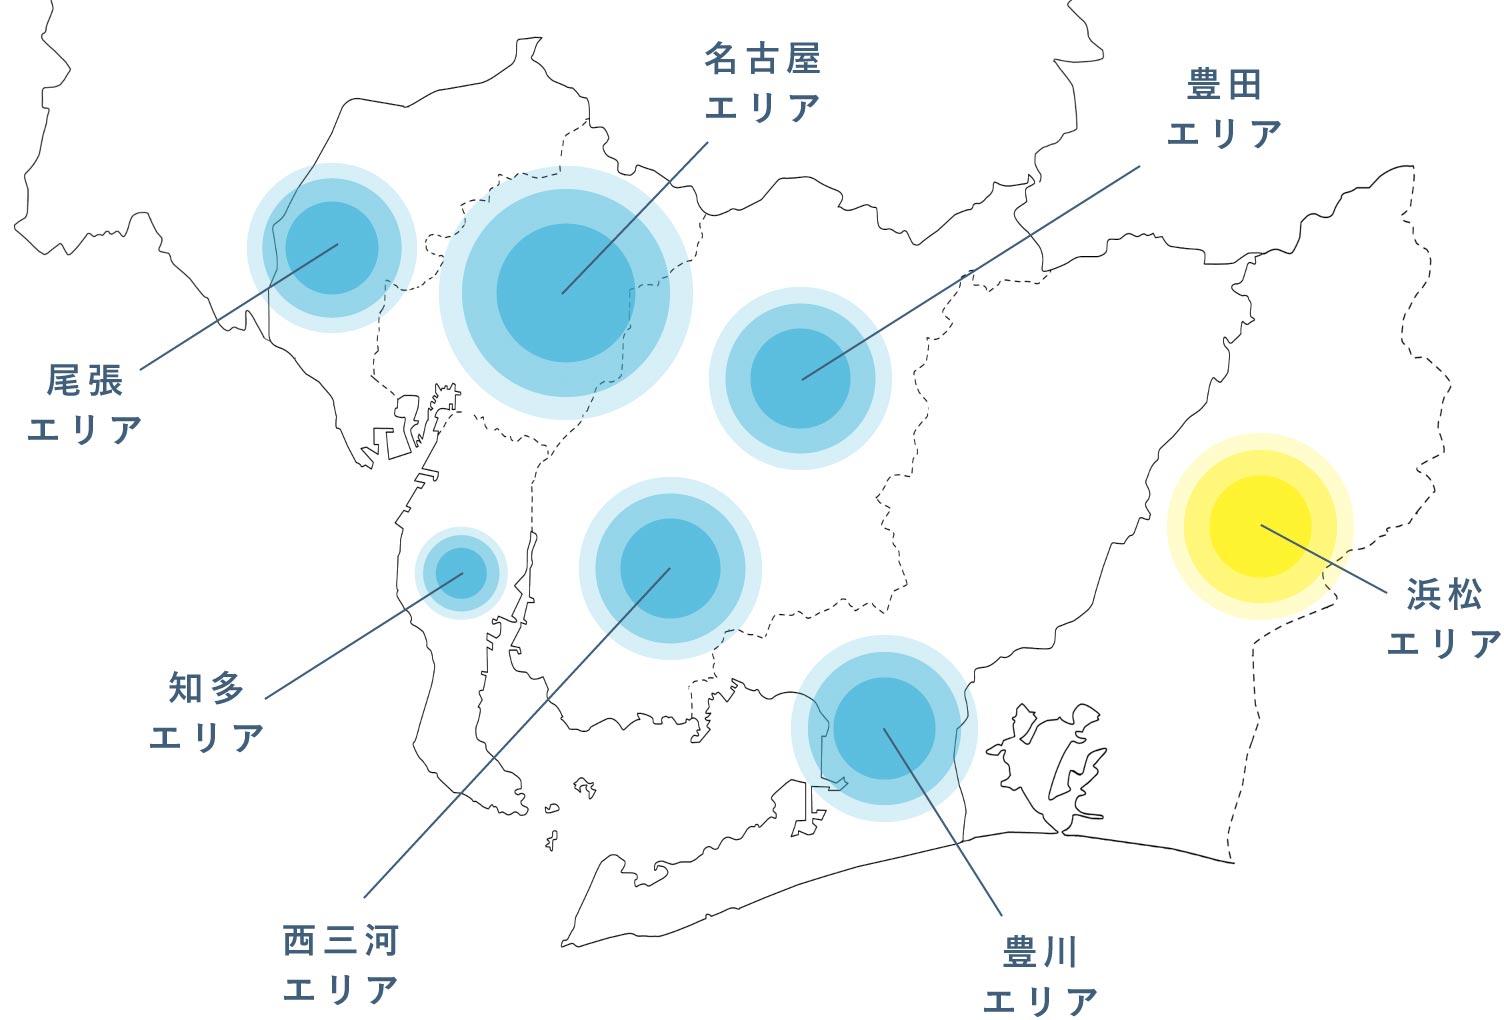 愛知県のエリア別実績戸数